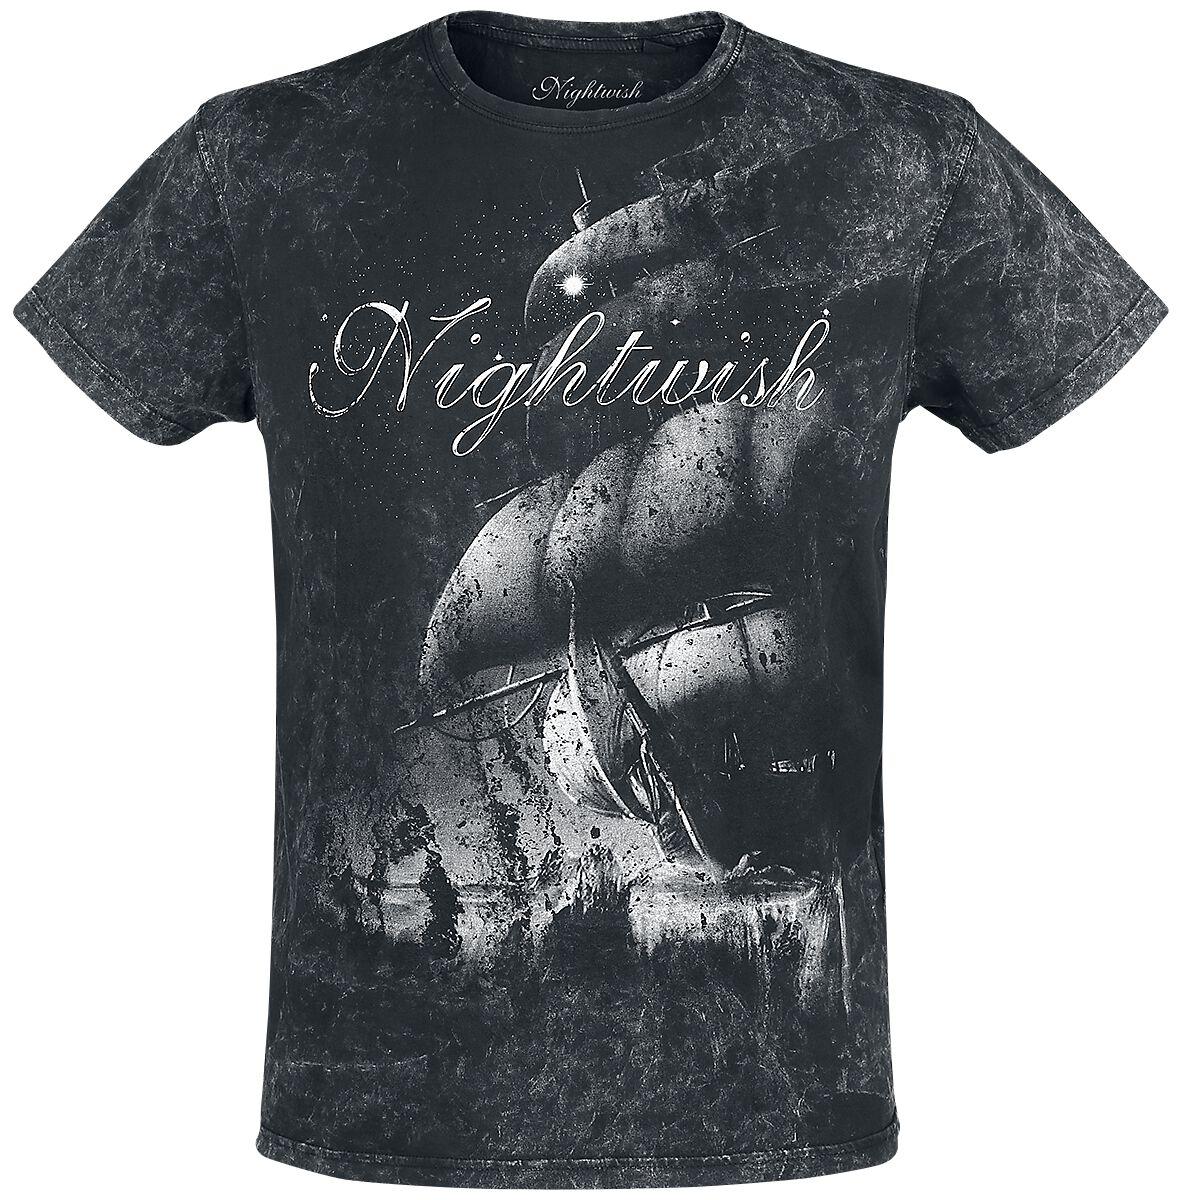 Nightwish Woe To All T-Shirt schwarz 0529-Nightwish